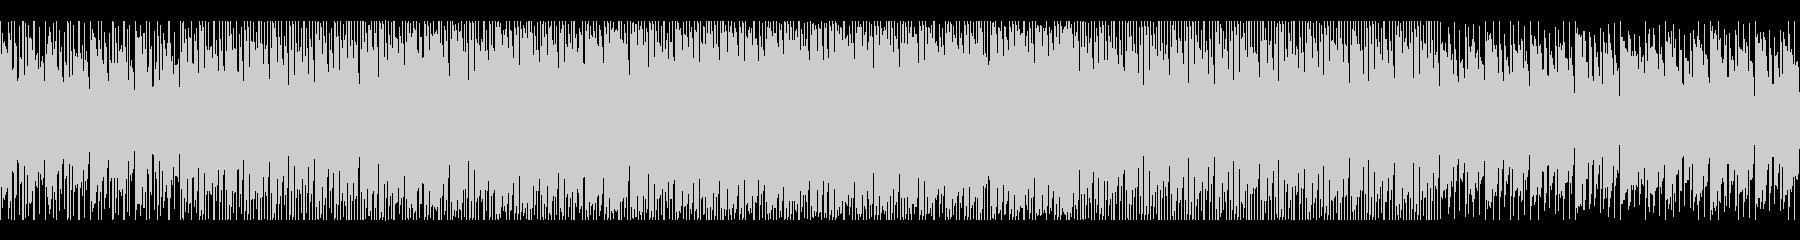 ダーク・SF・ミステリアスなヒップホップの未再生の波形